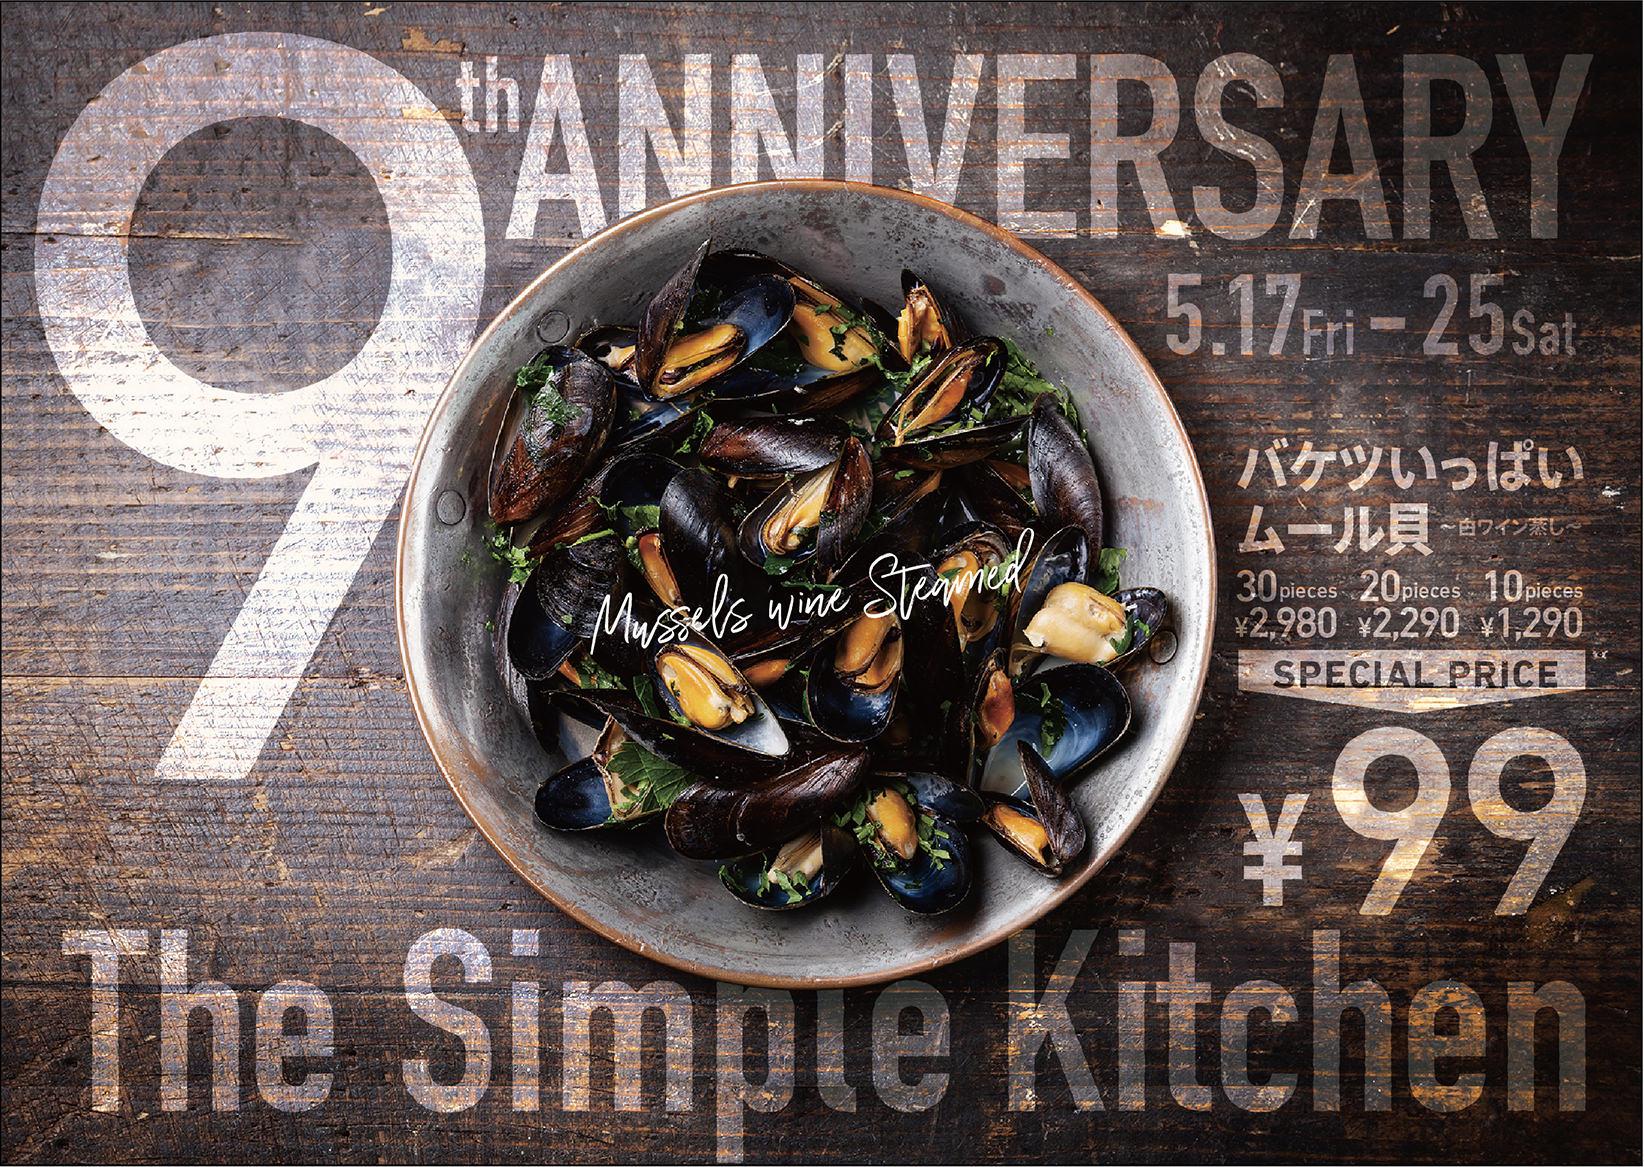 看板メニュー『バケツいっぱいのムール貝』を全サイズ99円で提供  シンプルキッチン南青山の9周年フェアを5/17~開催